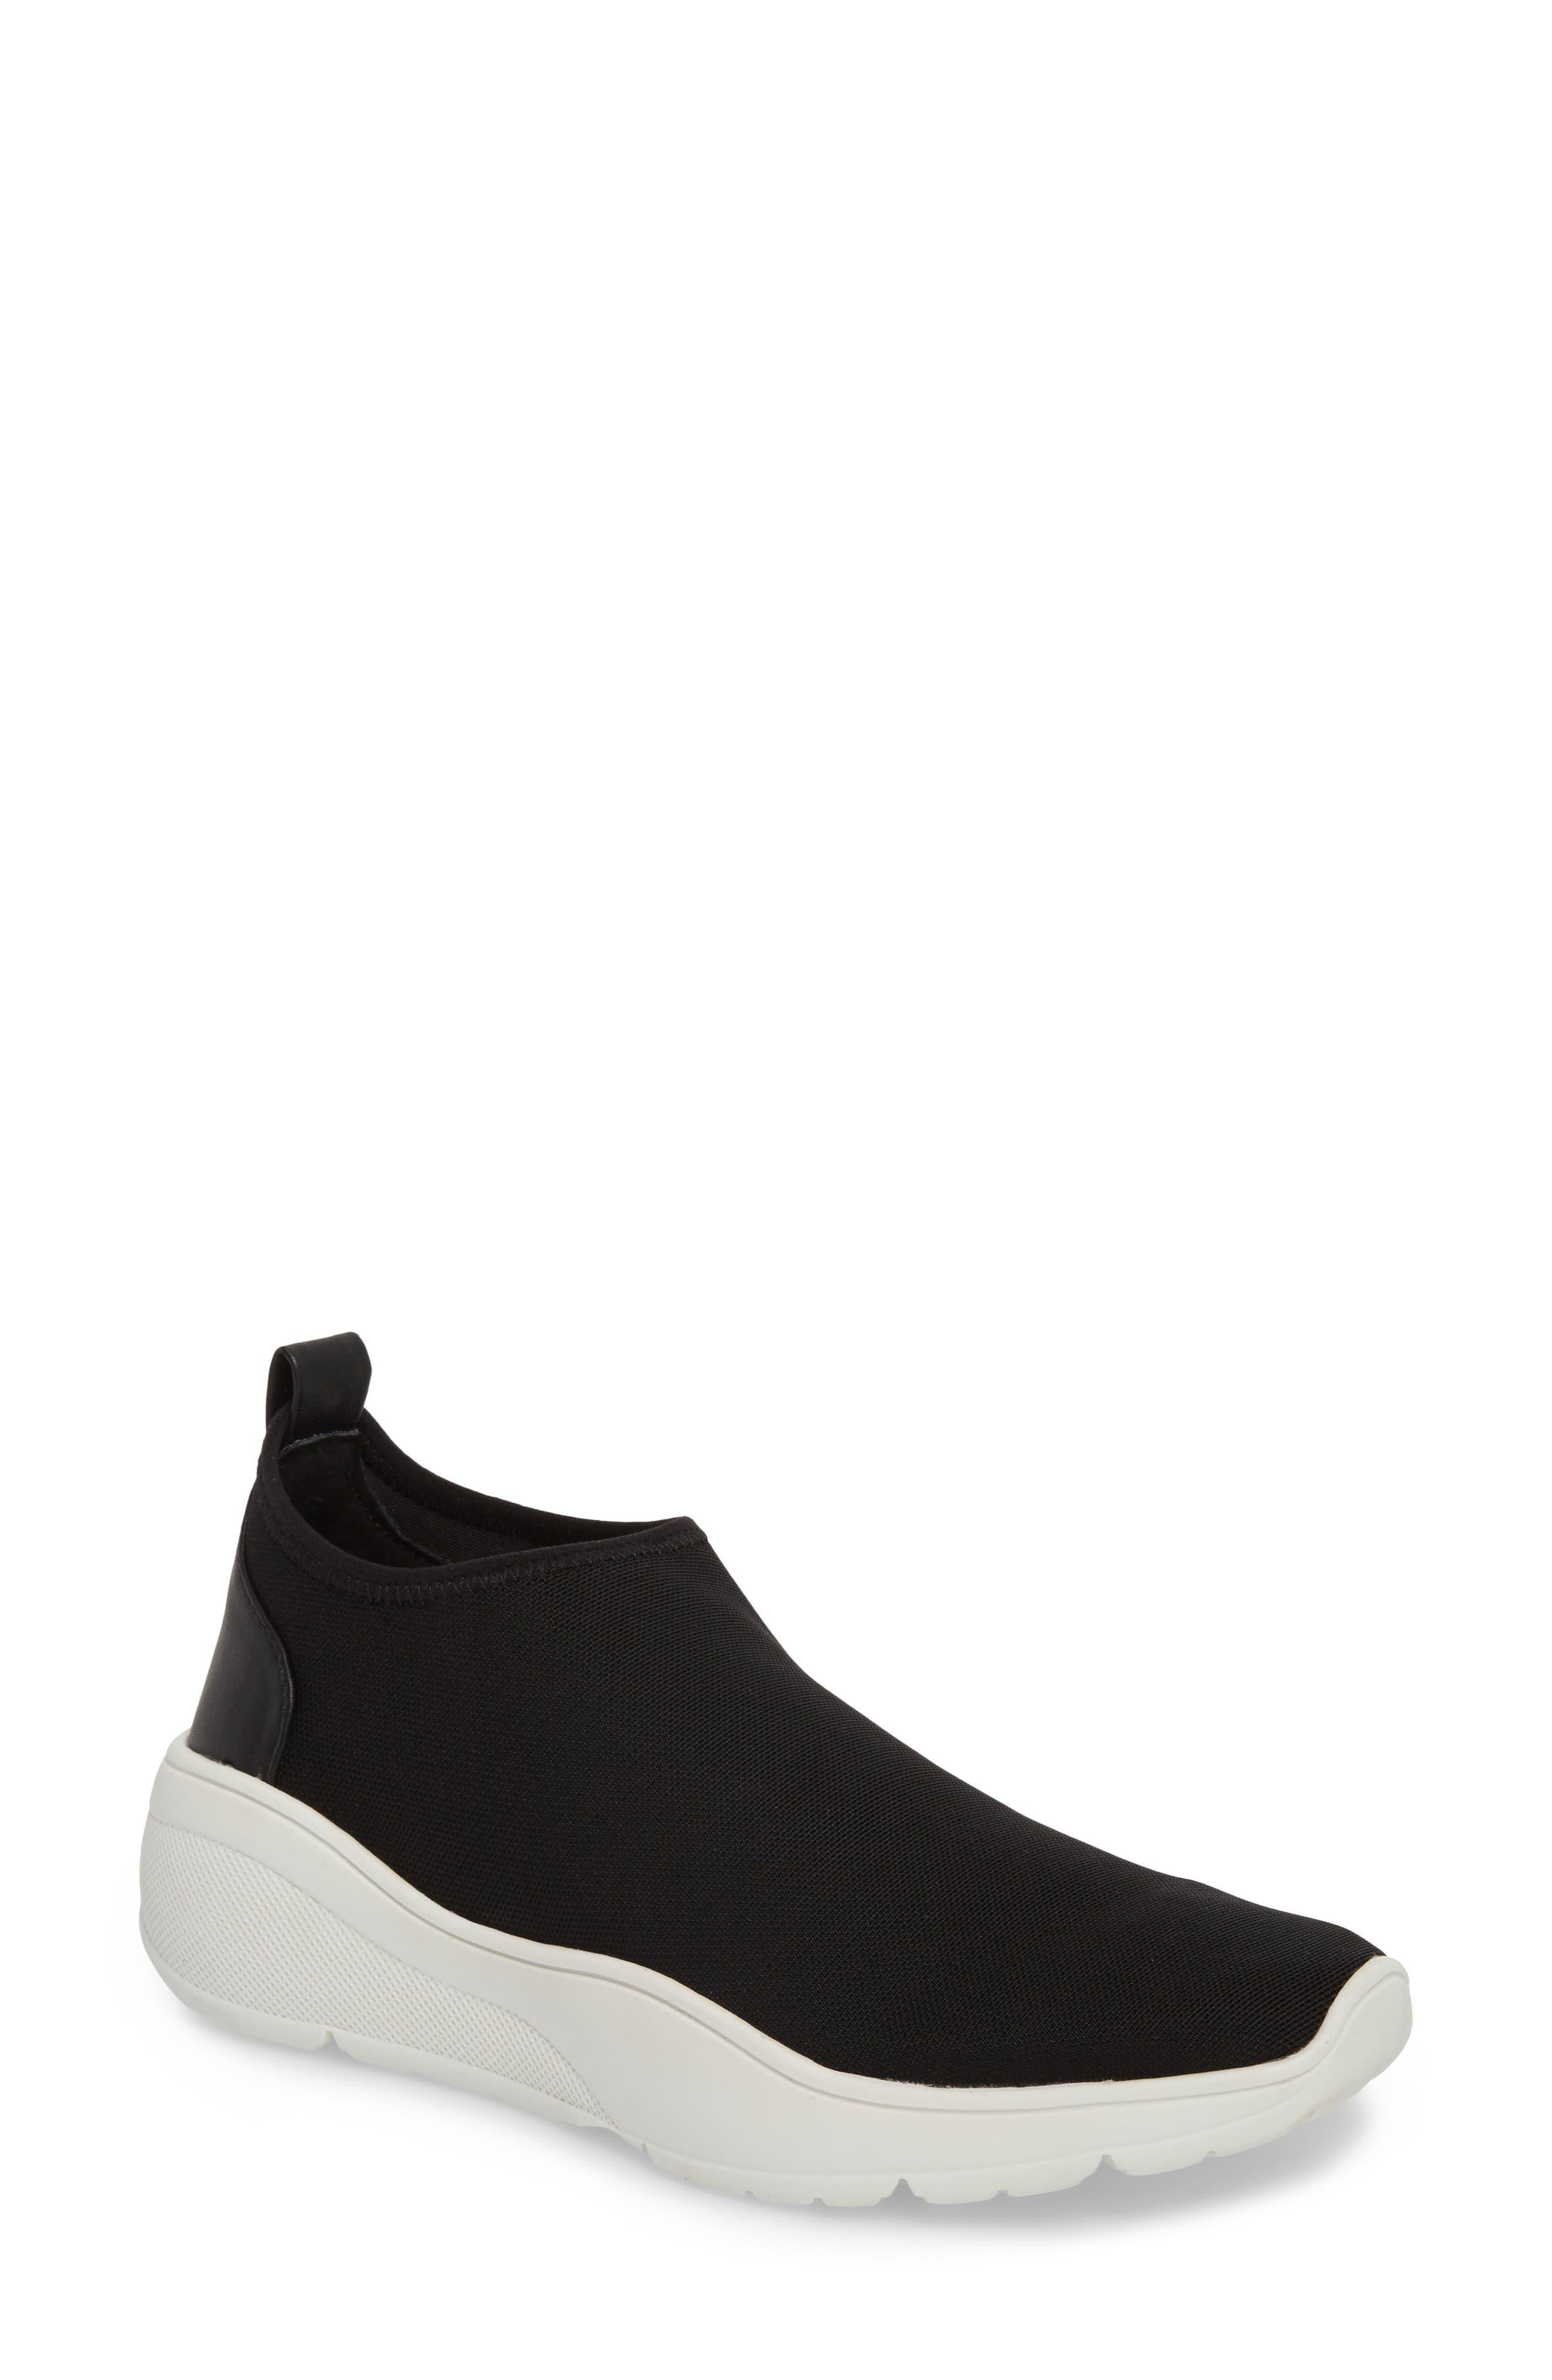 Floren Slip-On Sneaker,                         Main,                         color, 001